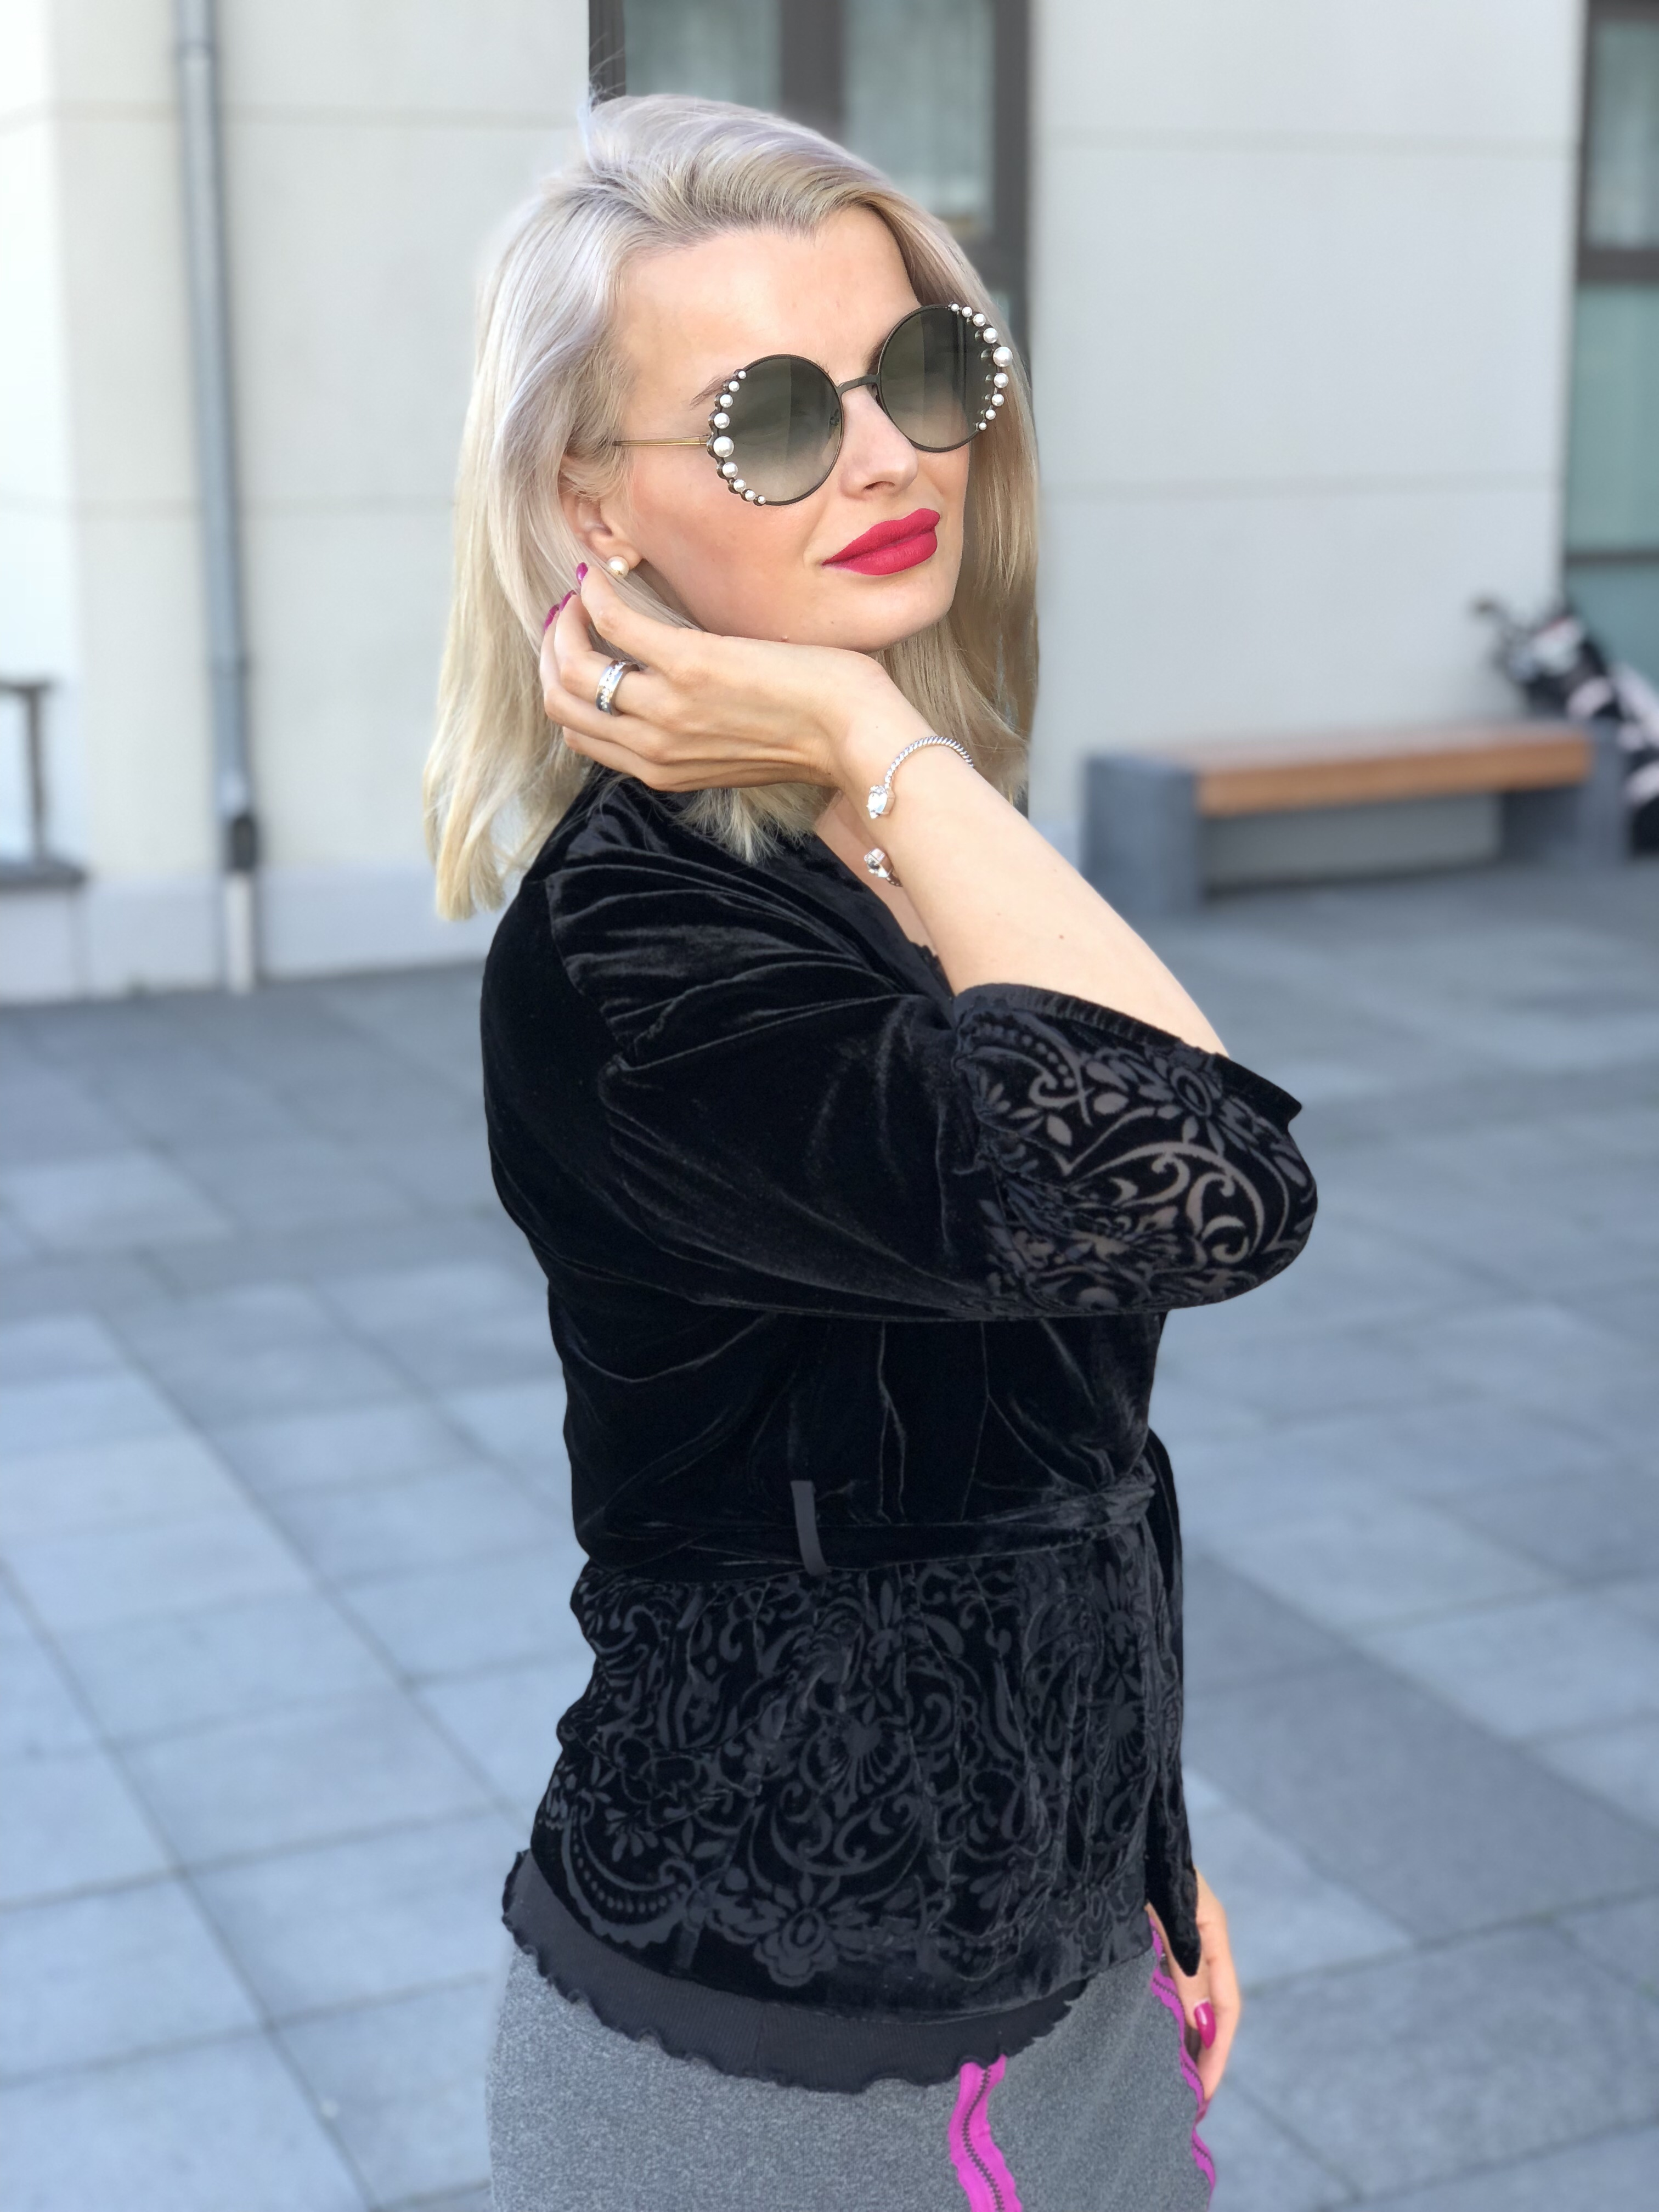 Rouge Dior Läppstift 775 Darling